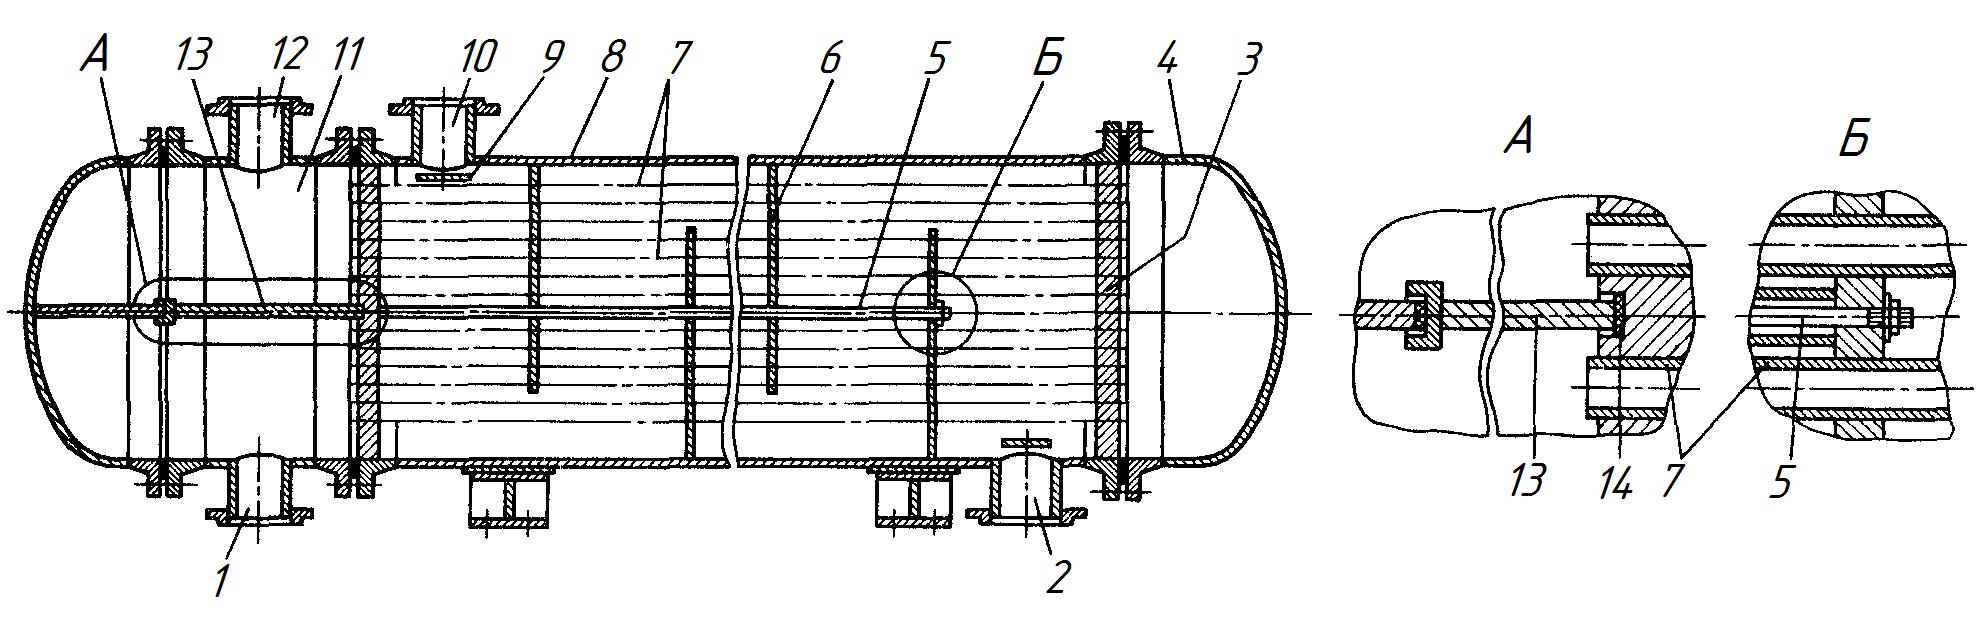 Горизонтальный теплообменник с u-образными трубами теплообменник junkers euroline zs 23 ke 23